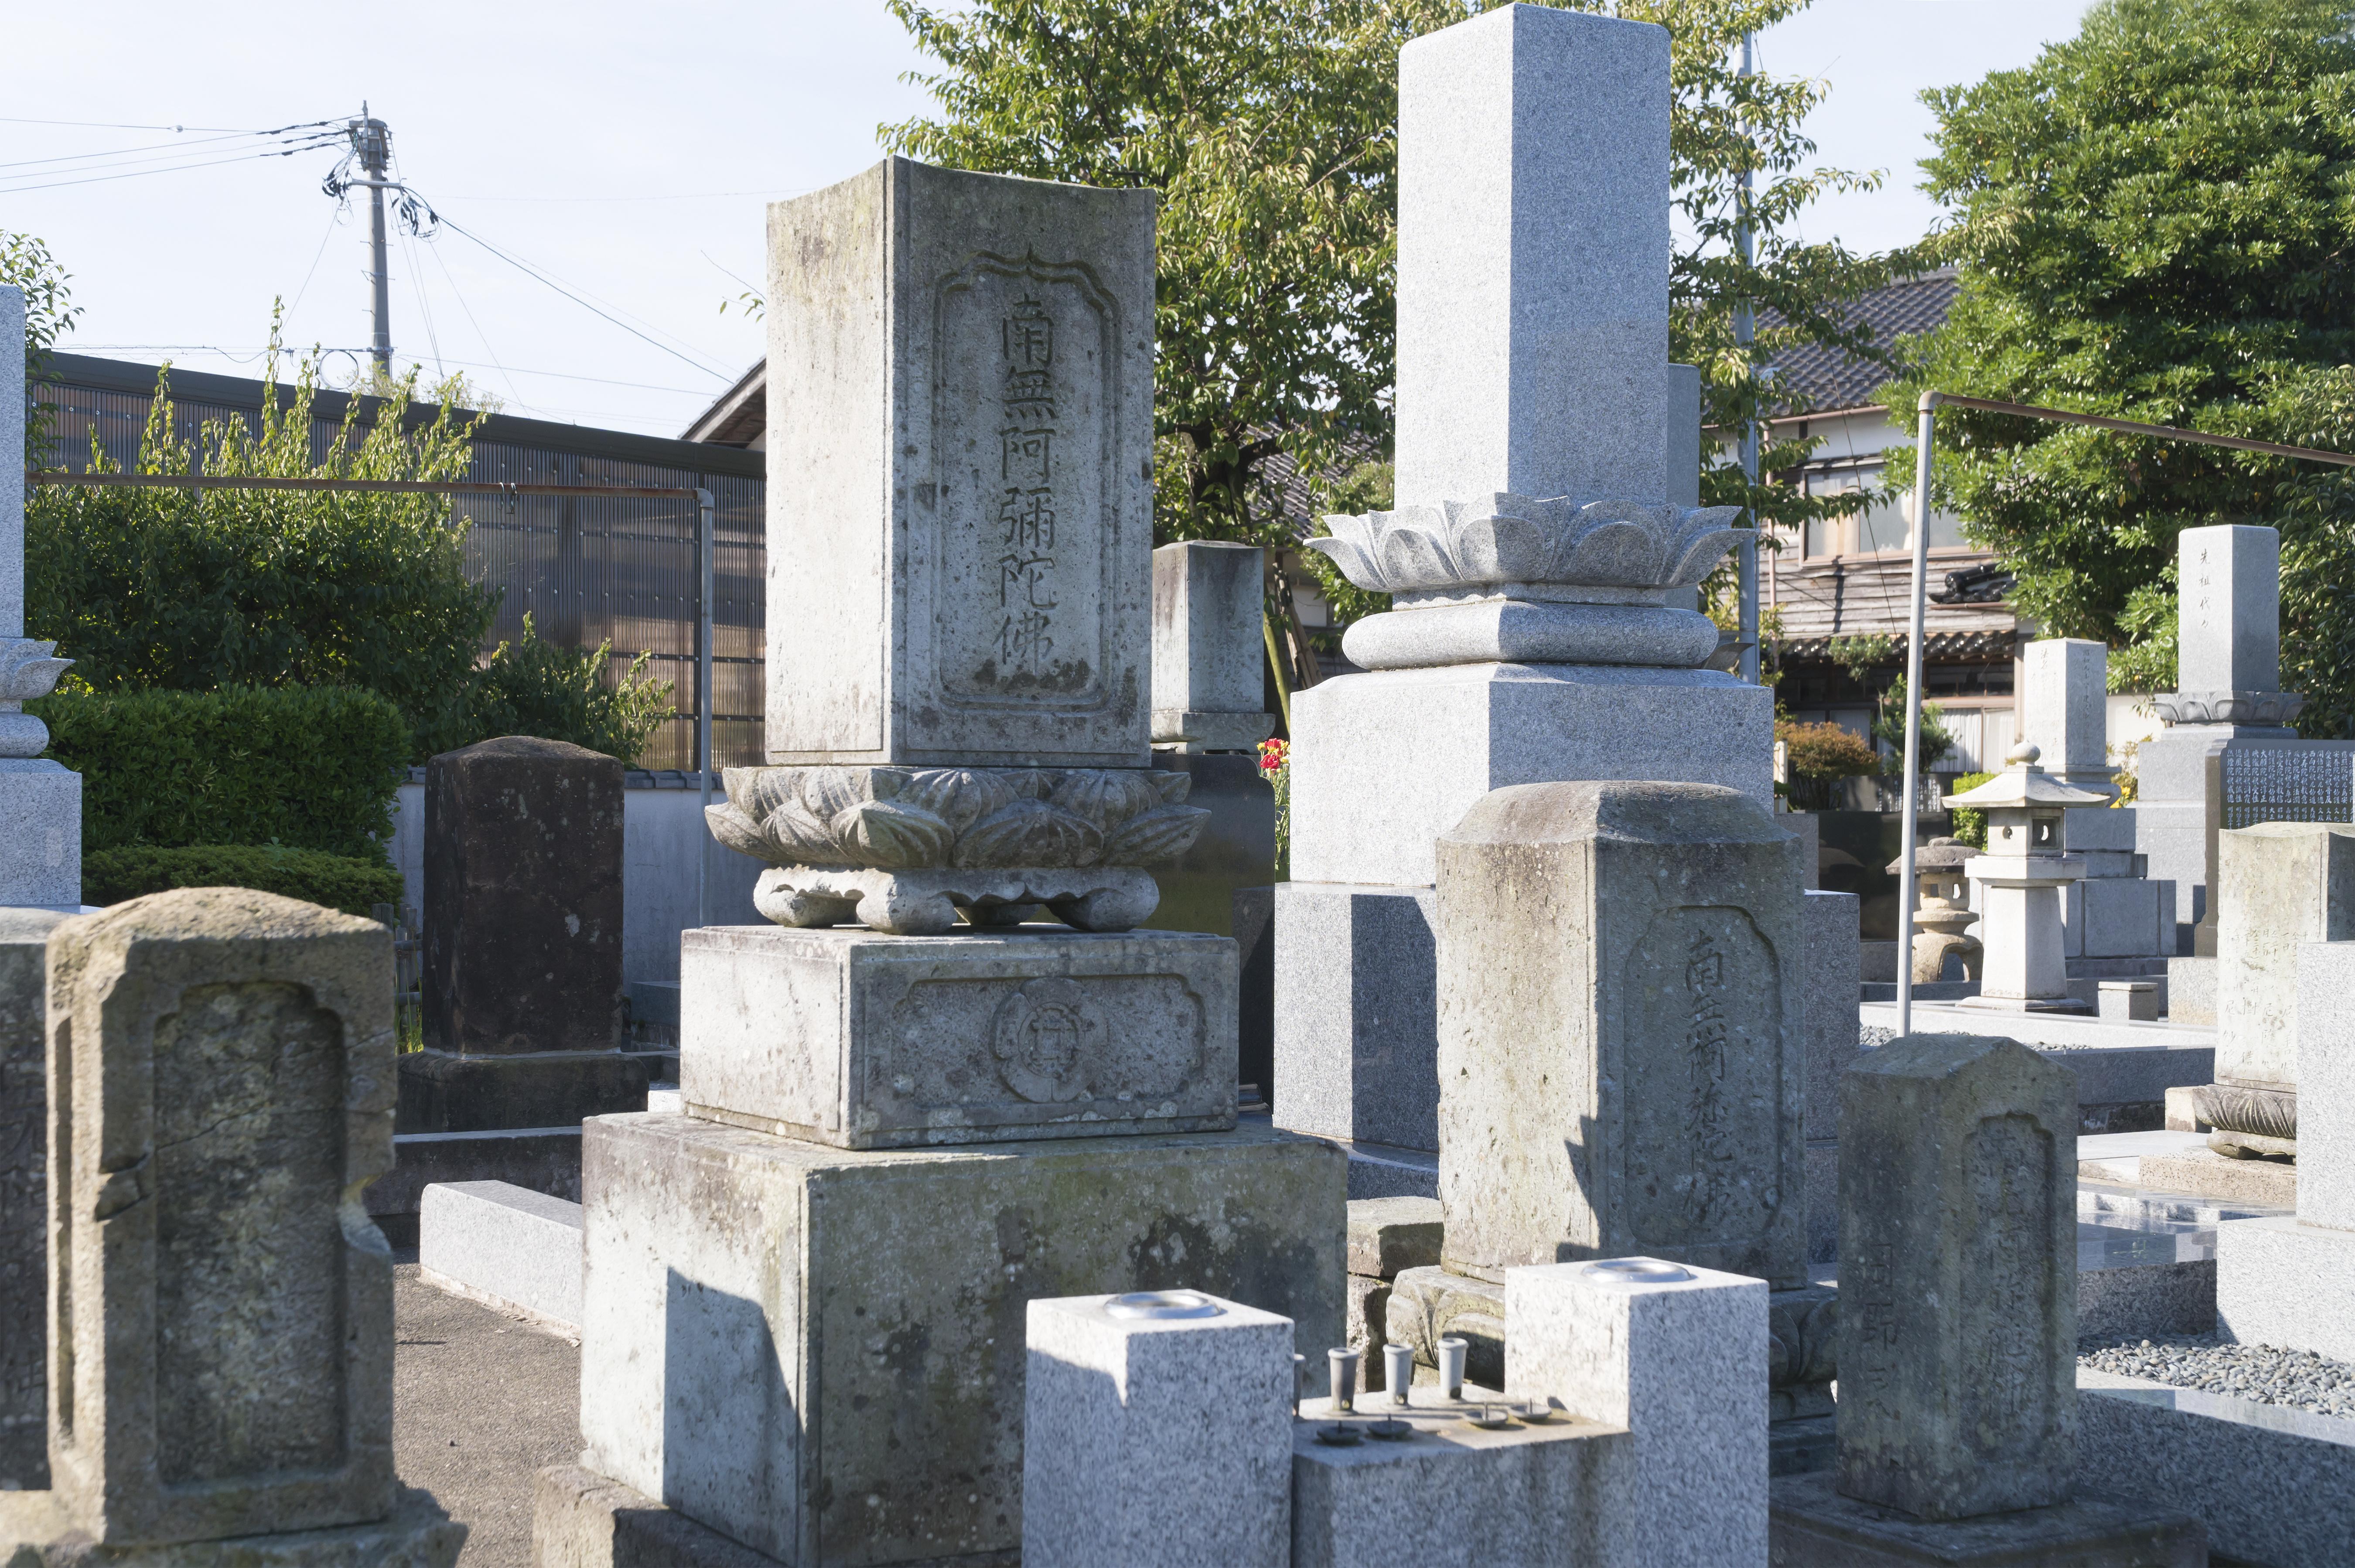 墓石の気になる金額相場や選び方のポイントについて徹底解説のサムネイル画像